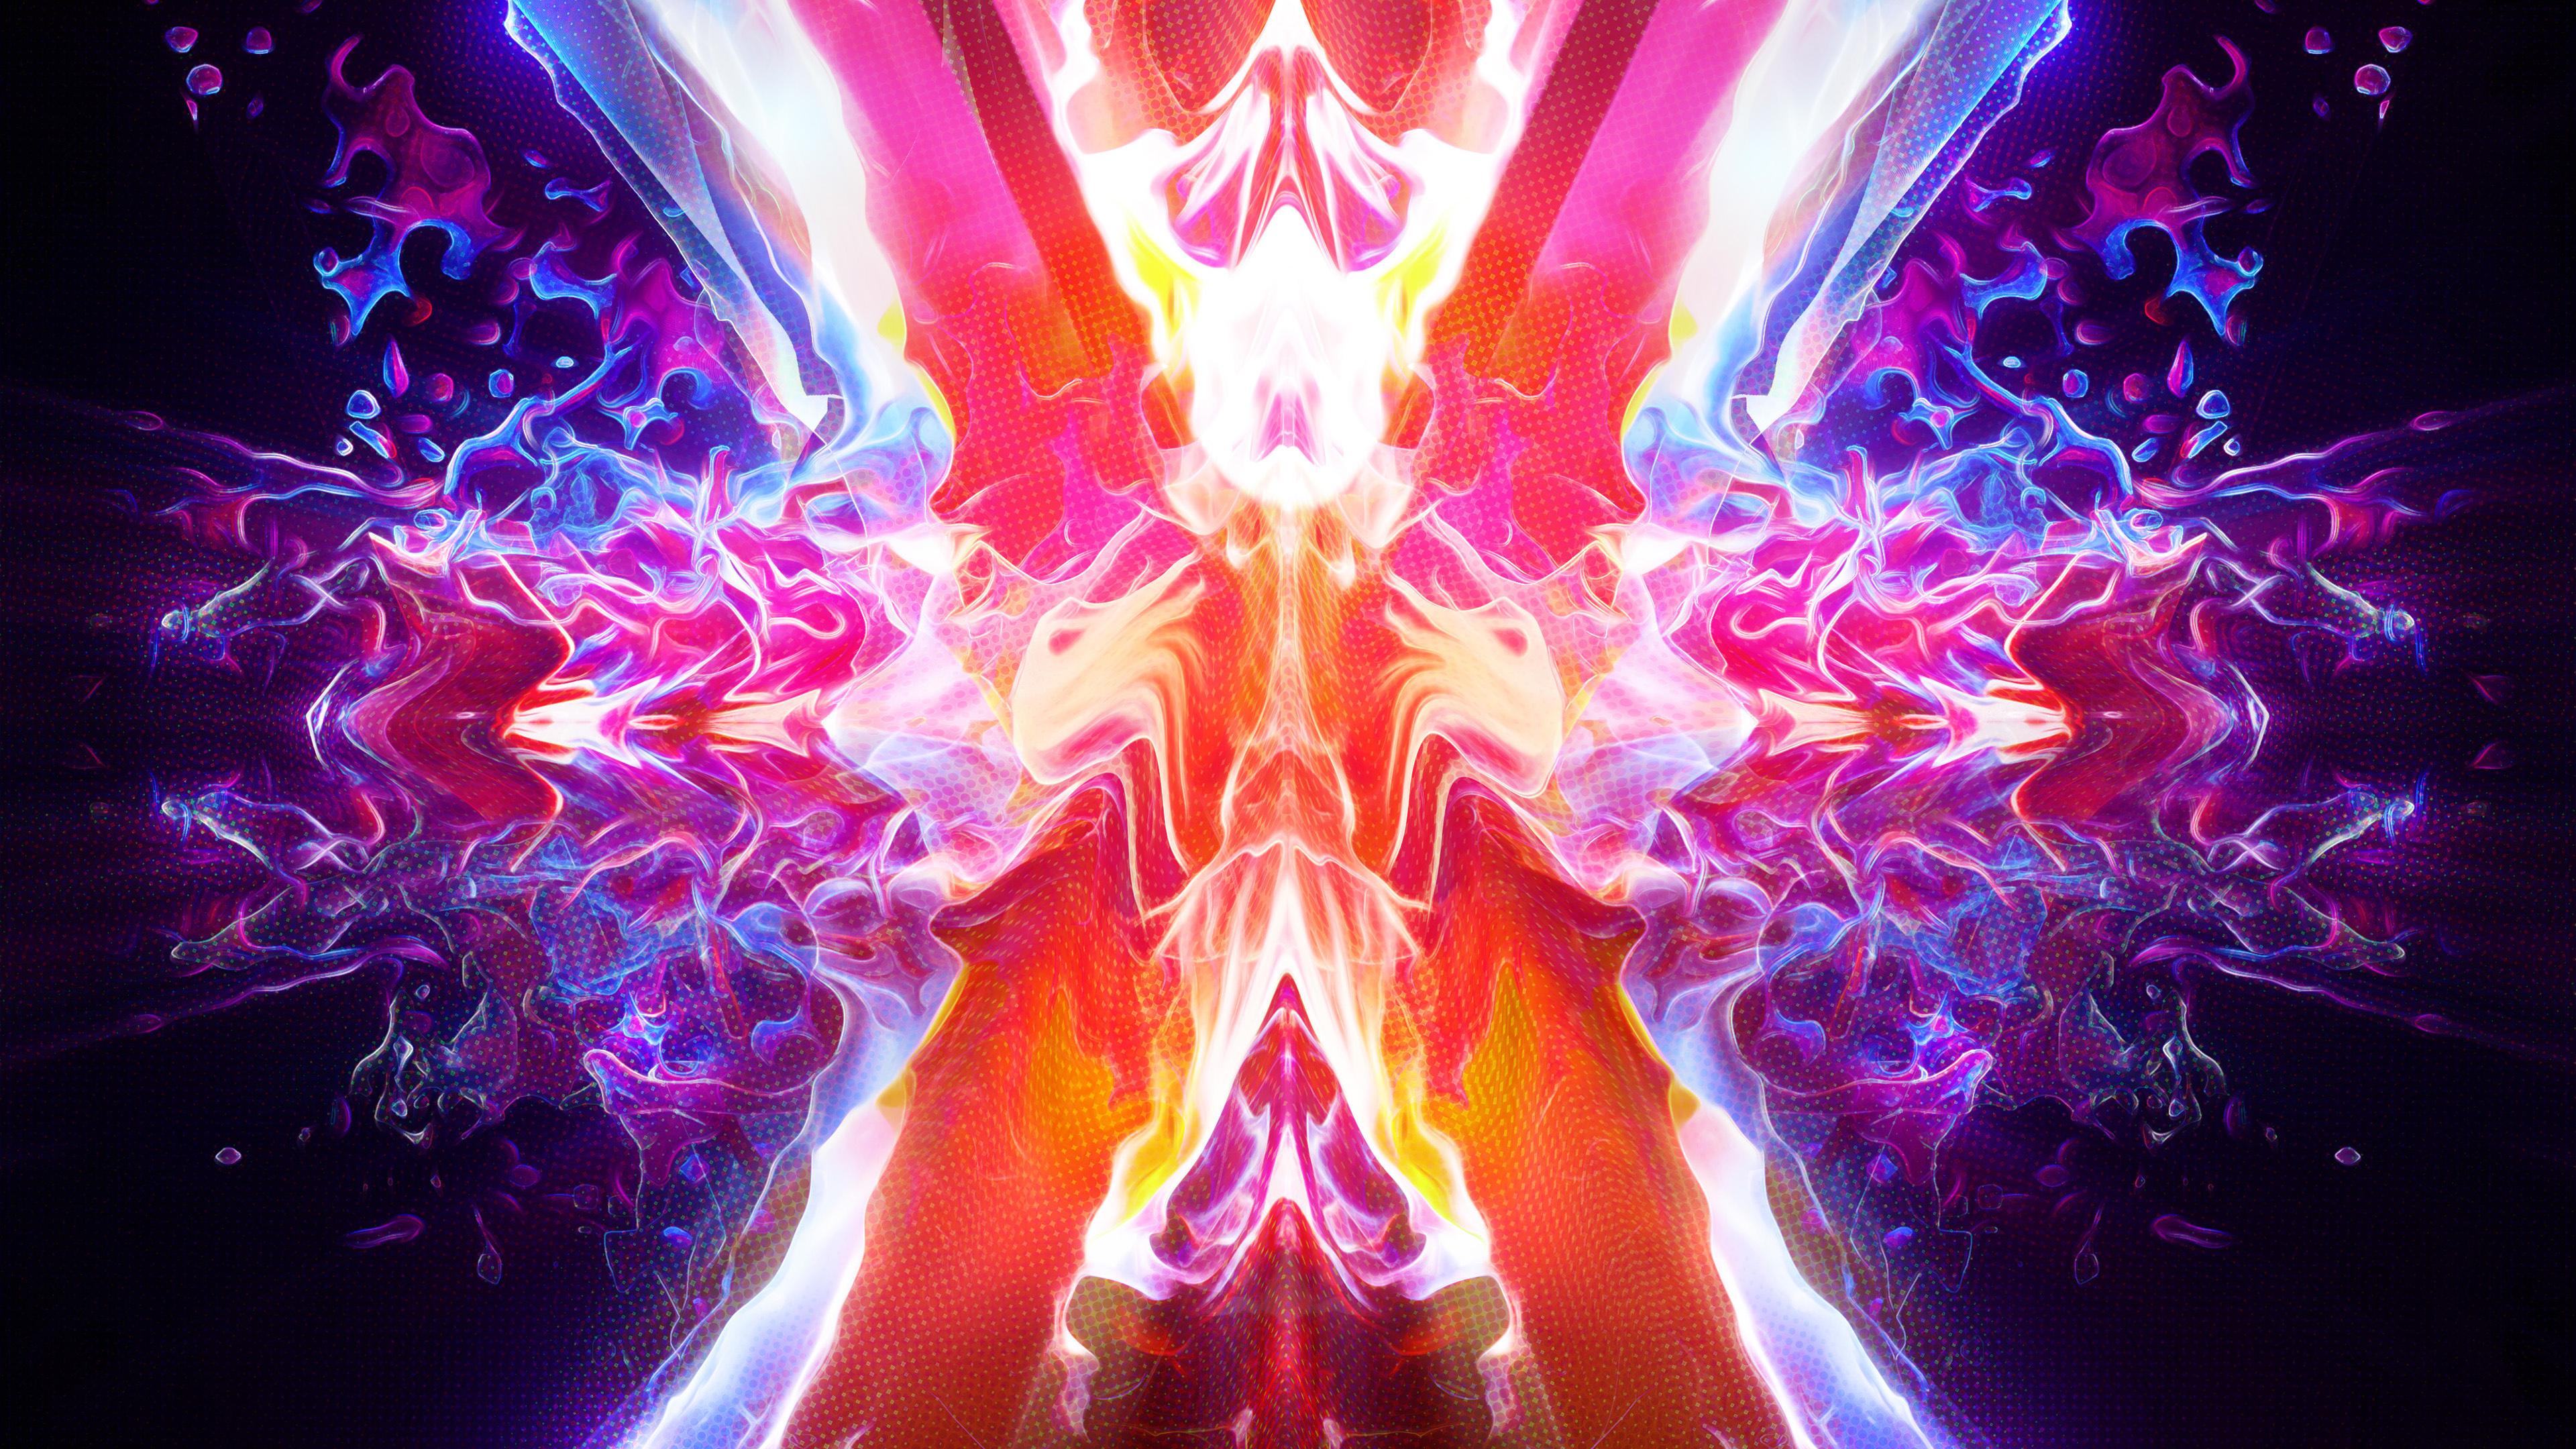 Горящее абстрактное пламя обои скачать